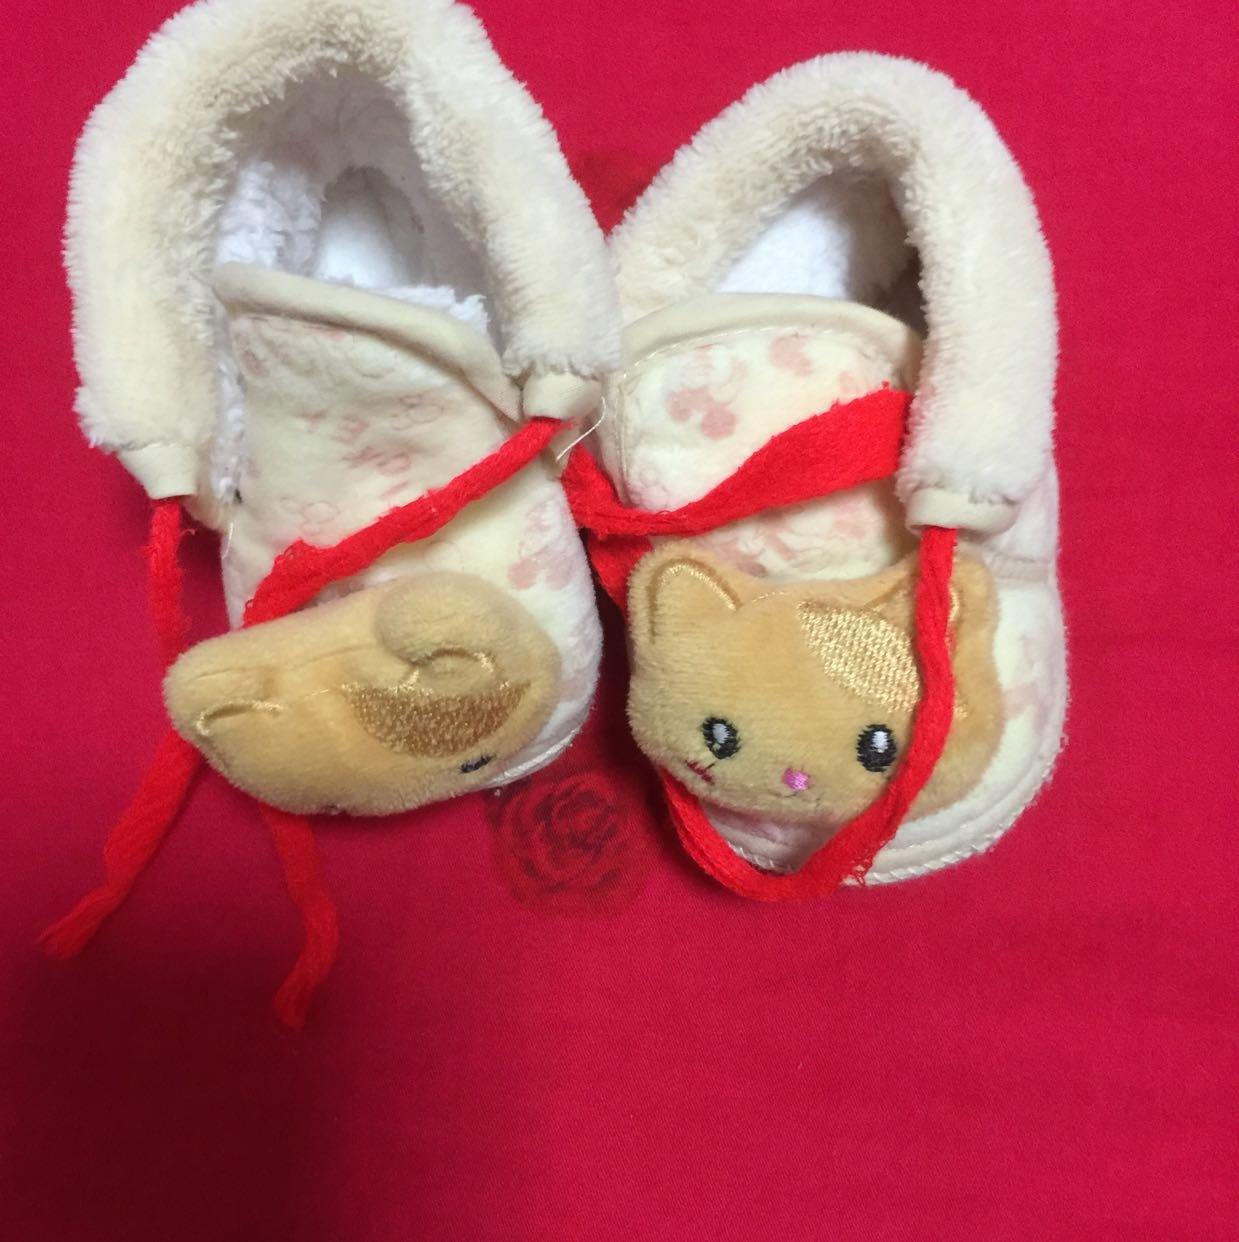 二手婴儿鞋子袜子交易